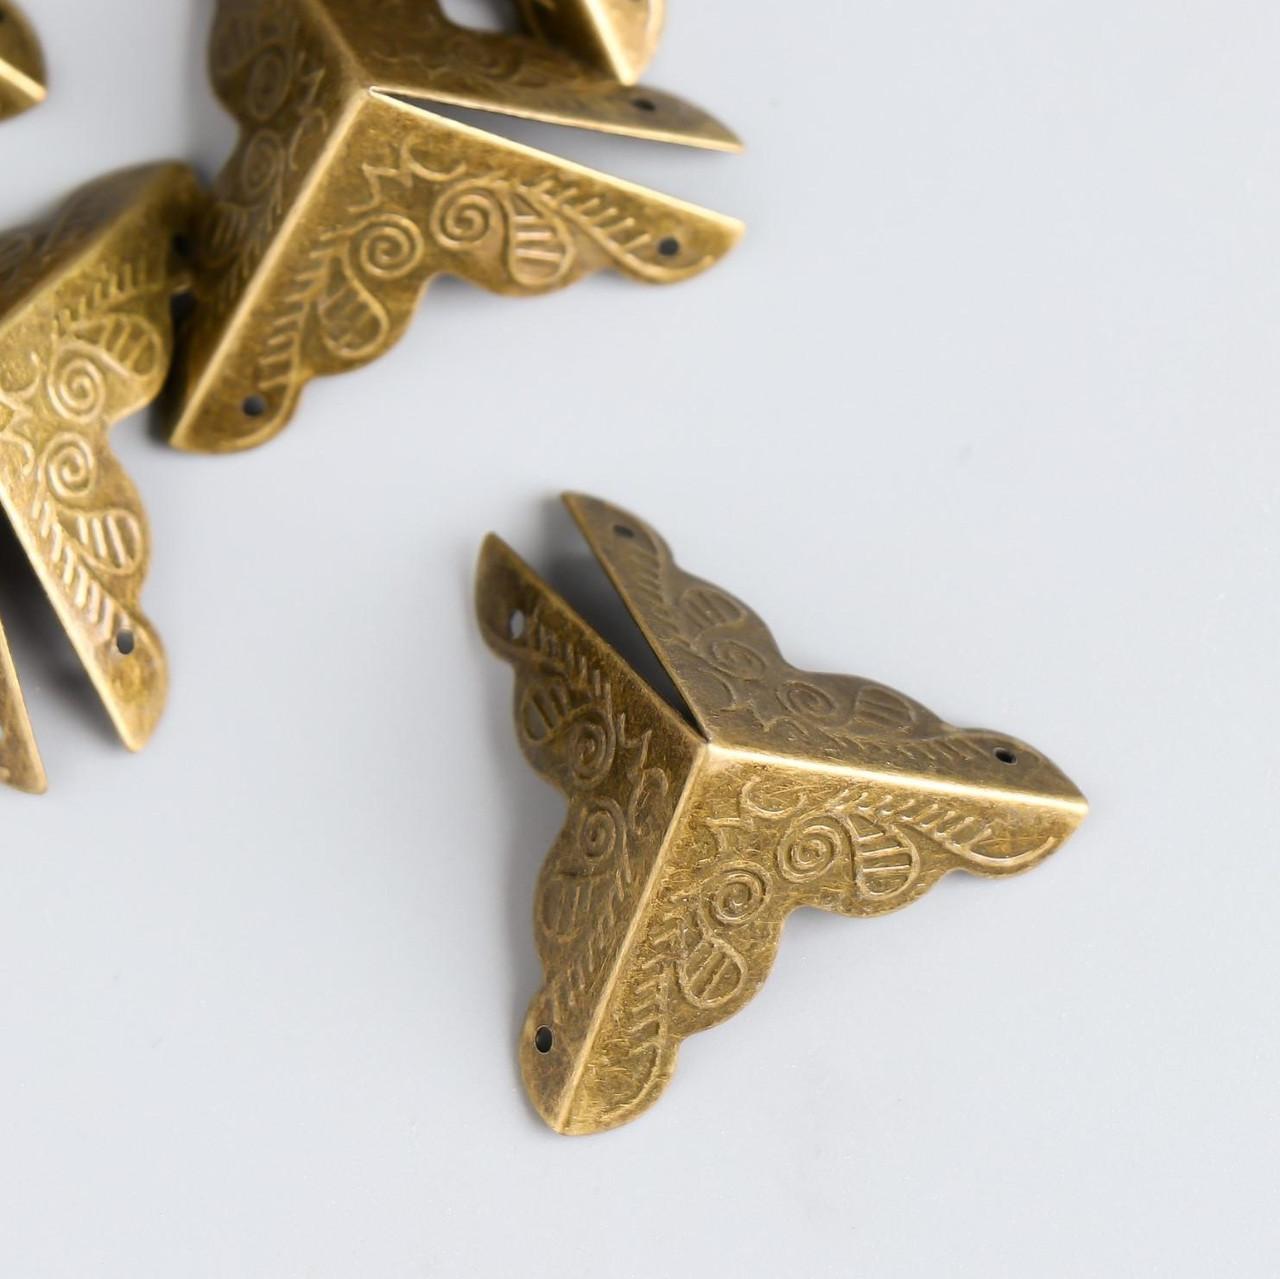 """Уголок для шкатулок металл """"Узоры"""" бронза 2,5х2,5х2,5 см (10 штук)"""